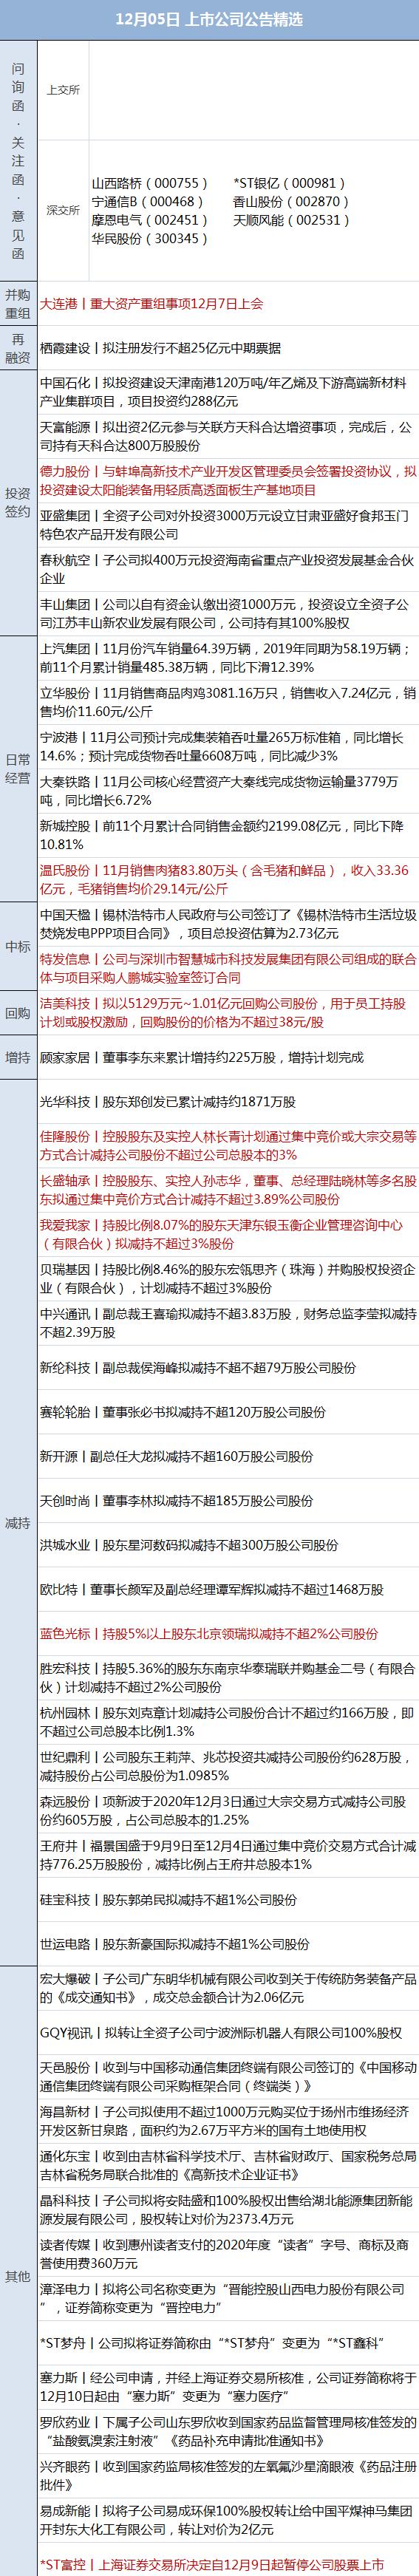 """早财经丨税务总局:累计收入不超6万元的月份暂不预扣个税;专家:中国新冠疫苗一至两周将有大消息;拜登:美国或面临""""黑暗冬天"""""""